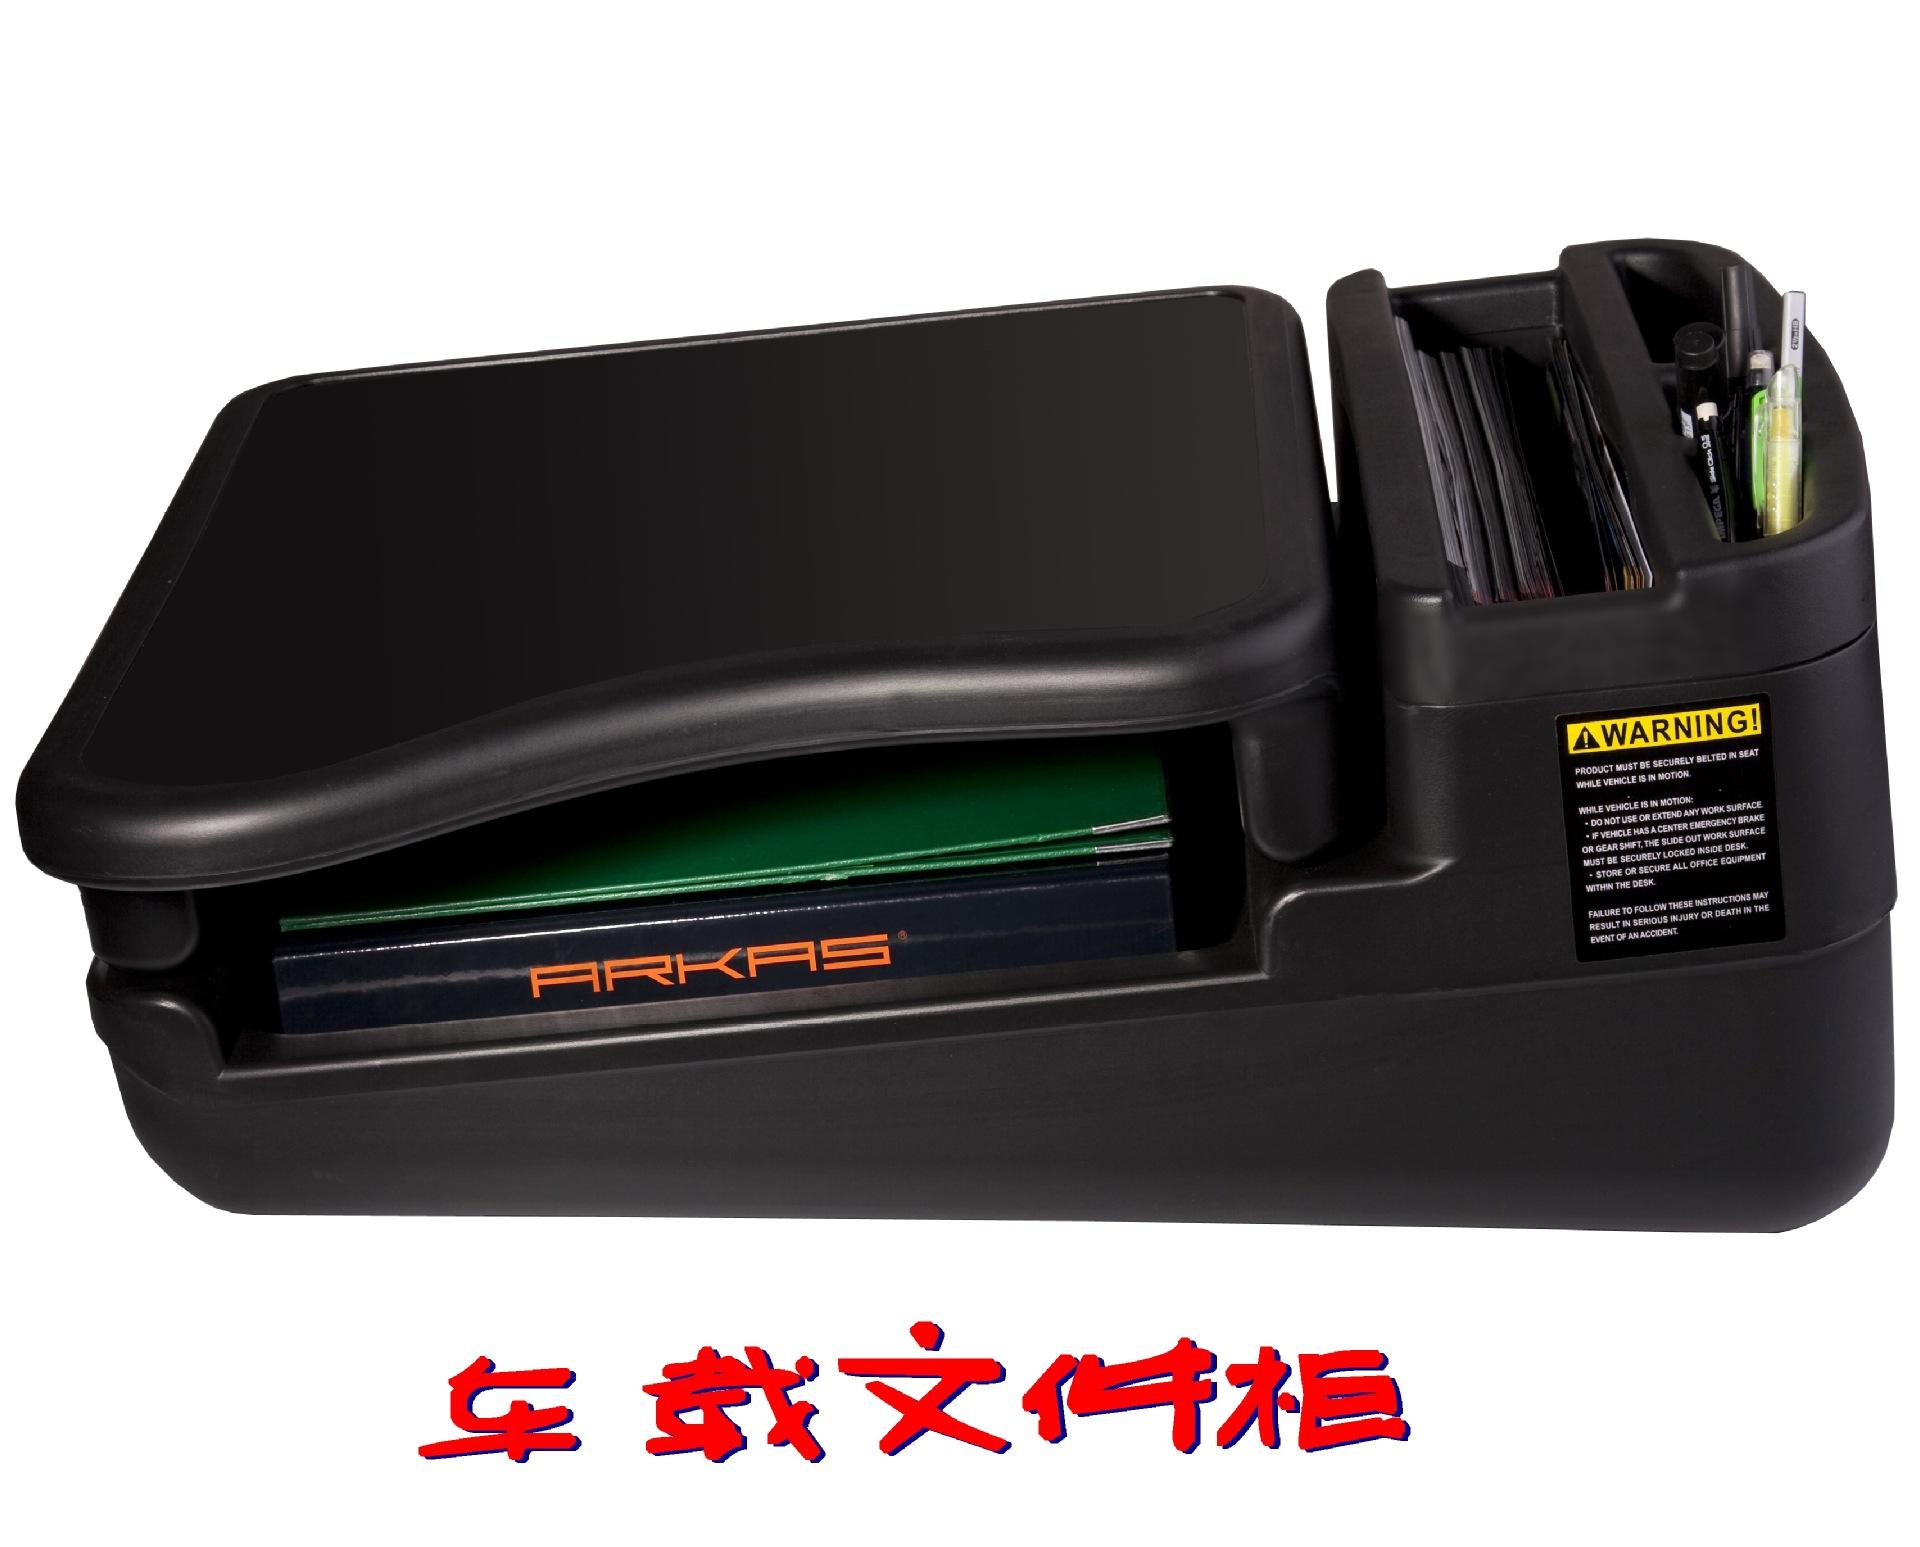 汽车载移动工作写字台文件柜折叠车用电脑桌台后座支架垫商务改装